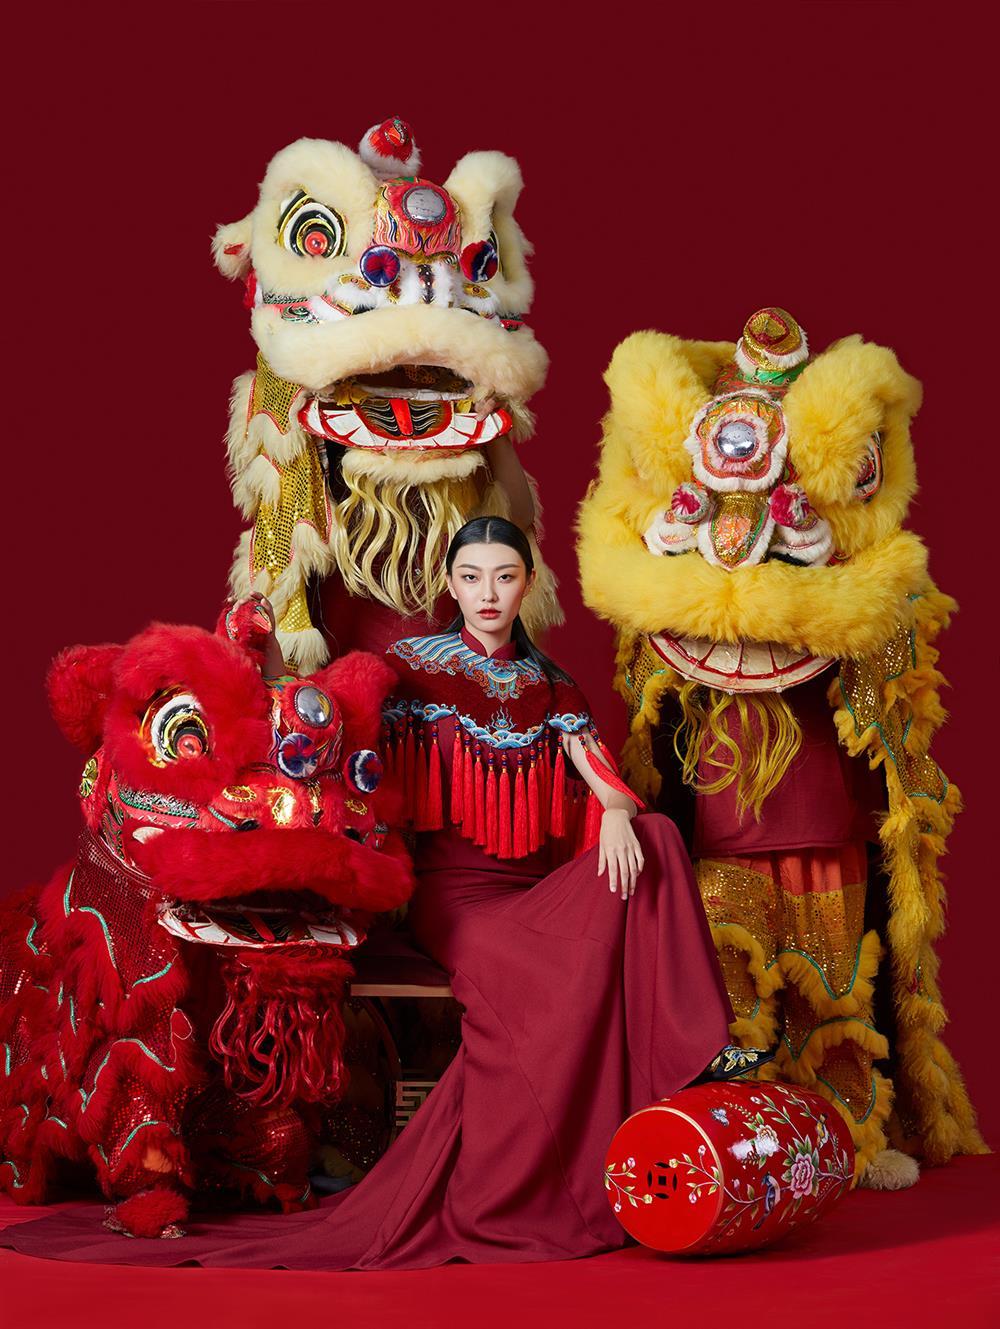 專訪設計師曾艷:中國文化滋養原創設計